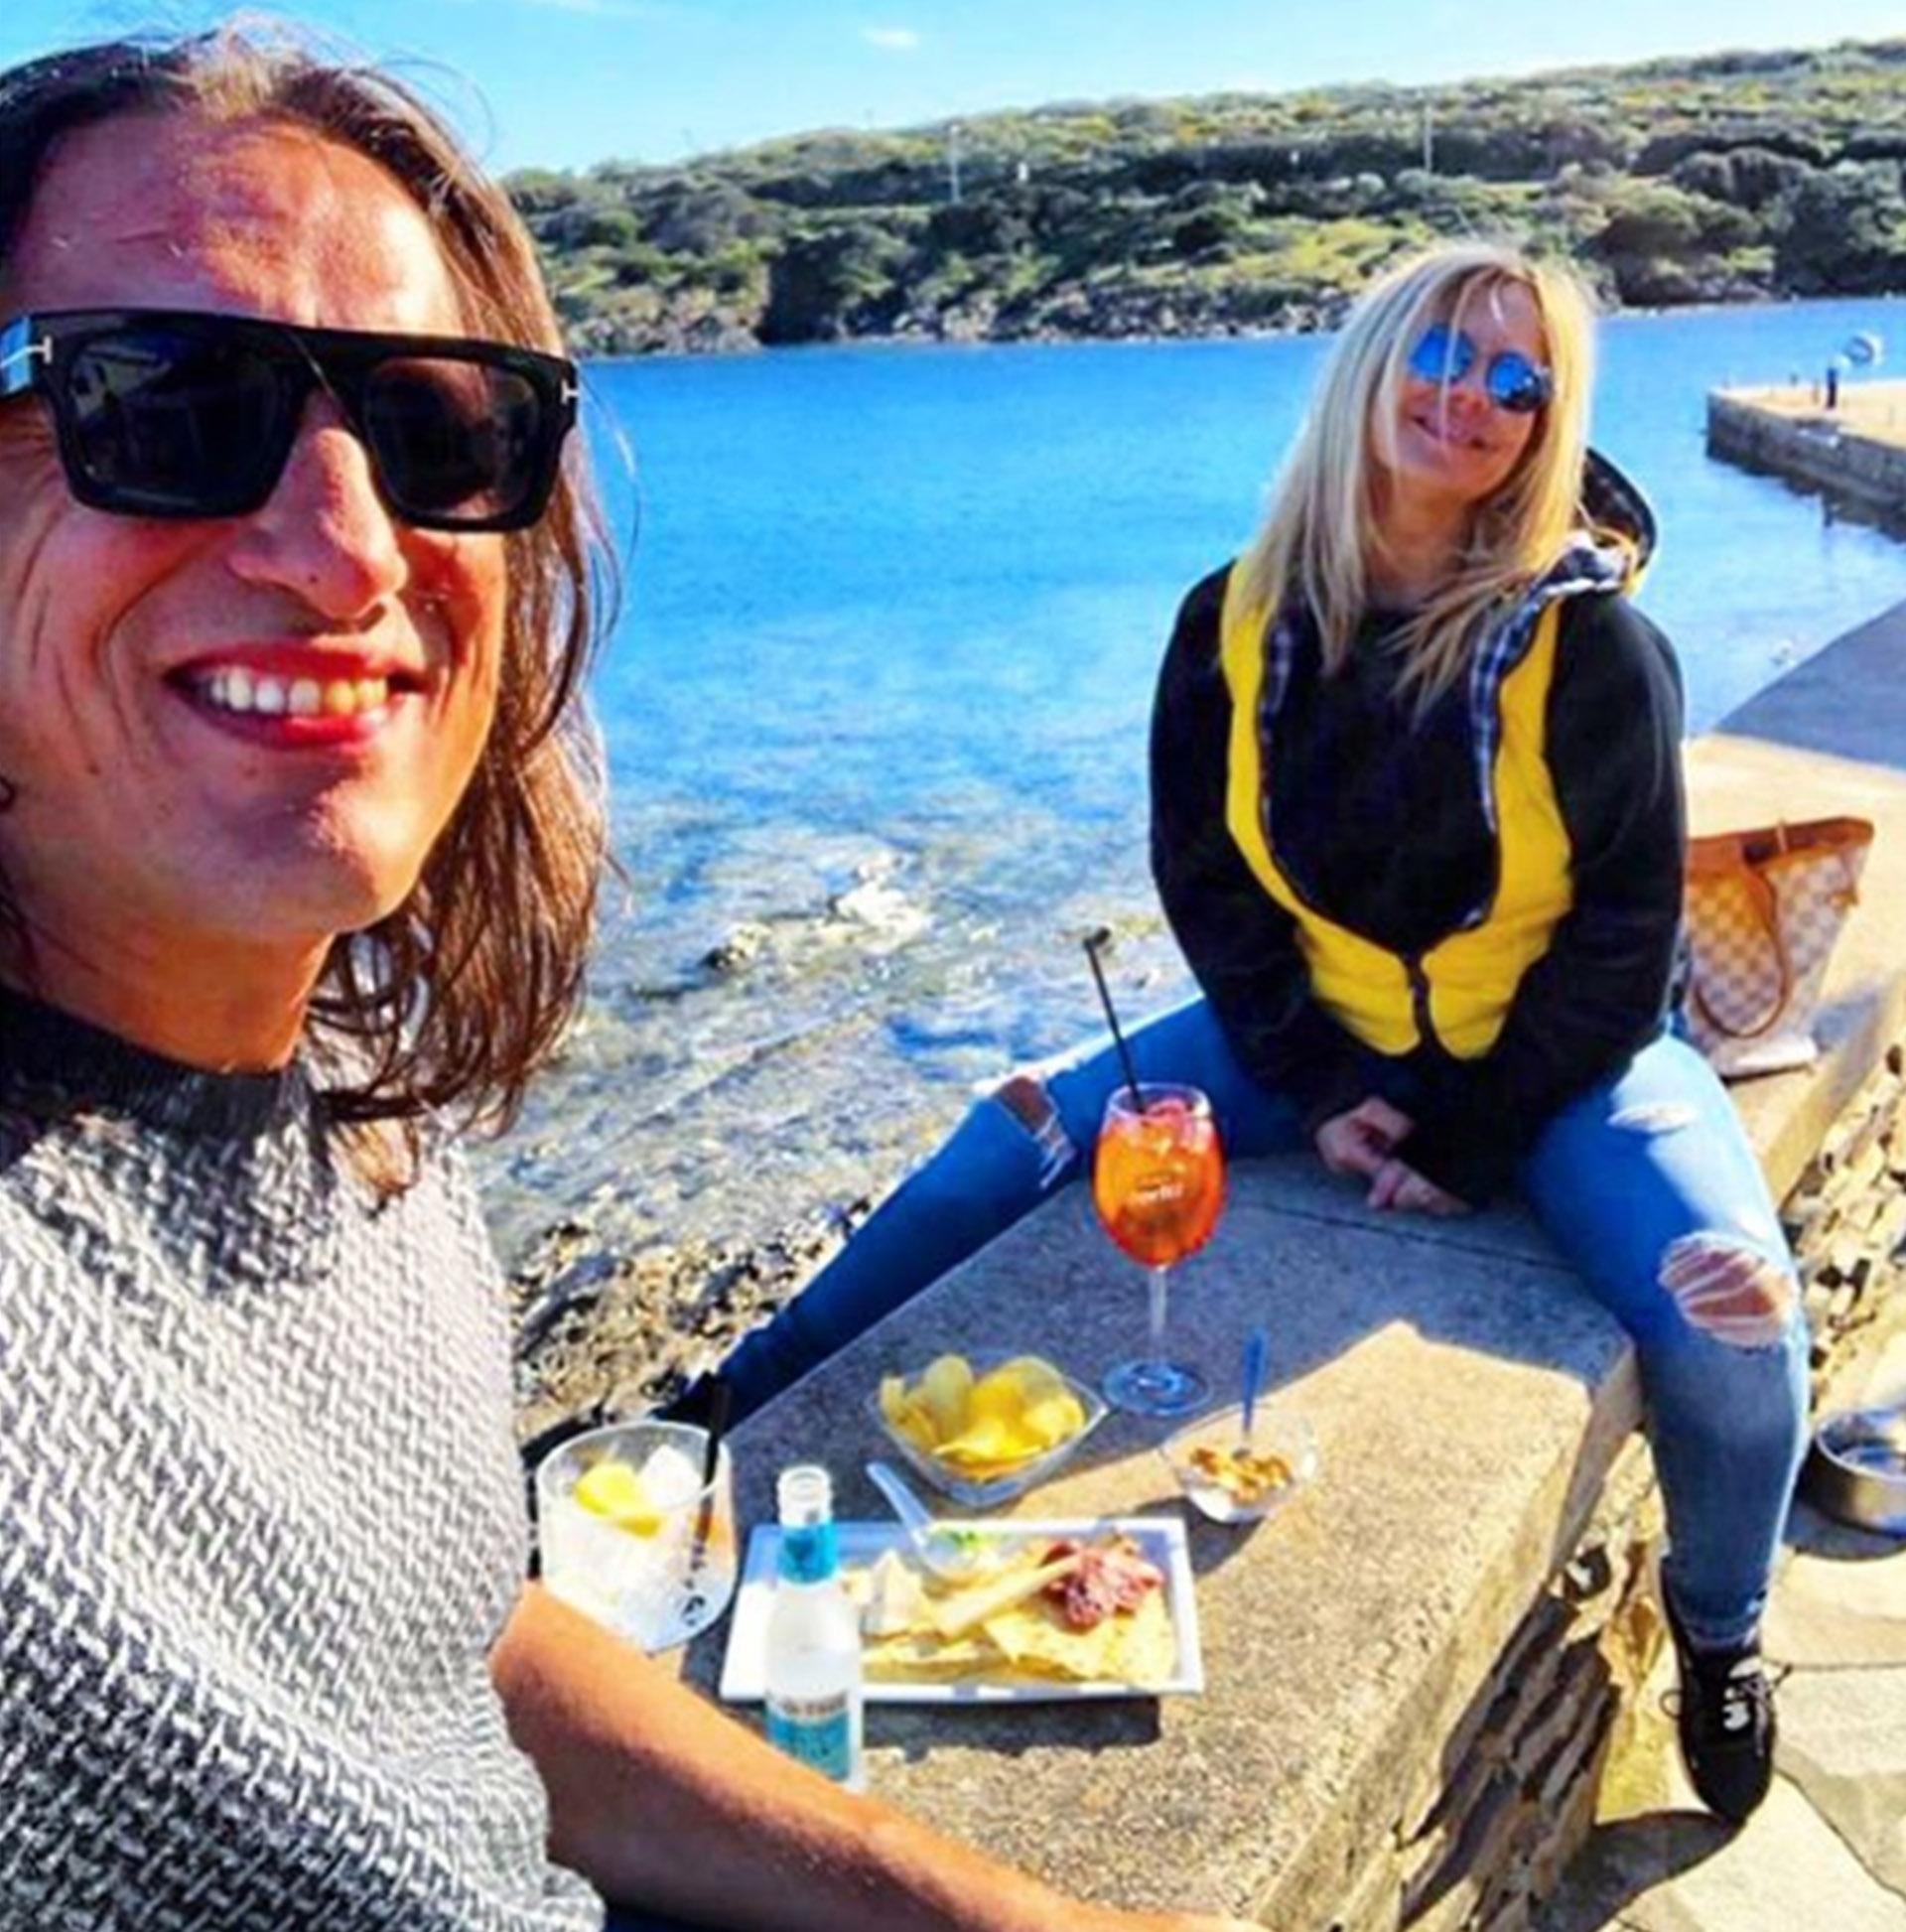 La madre de Wanda y Zaira Nara, Nora Colosimo presentó a su nuevo novio, Angelo Molinari. Los enamorados compartieron una foto en las redes, disfrutando de un almuerzo en las playas de Italia (Instagram)